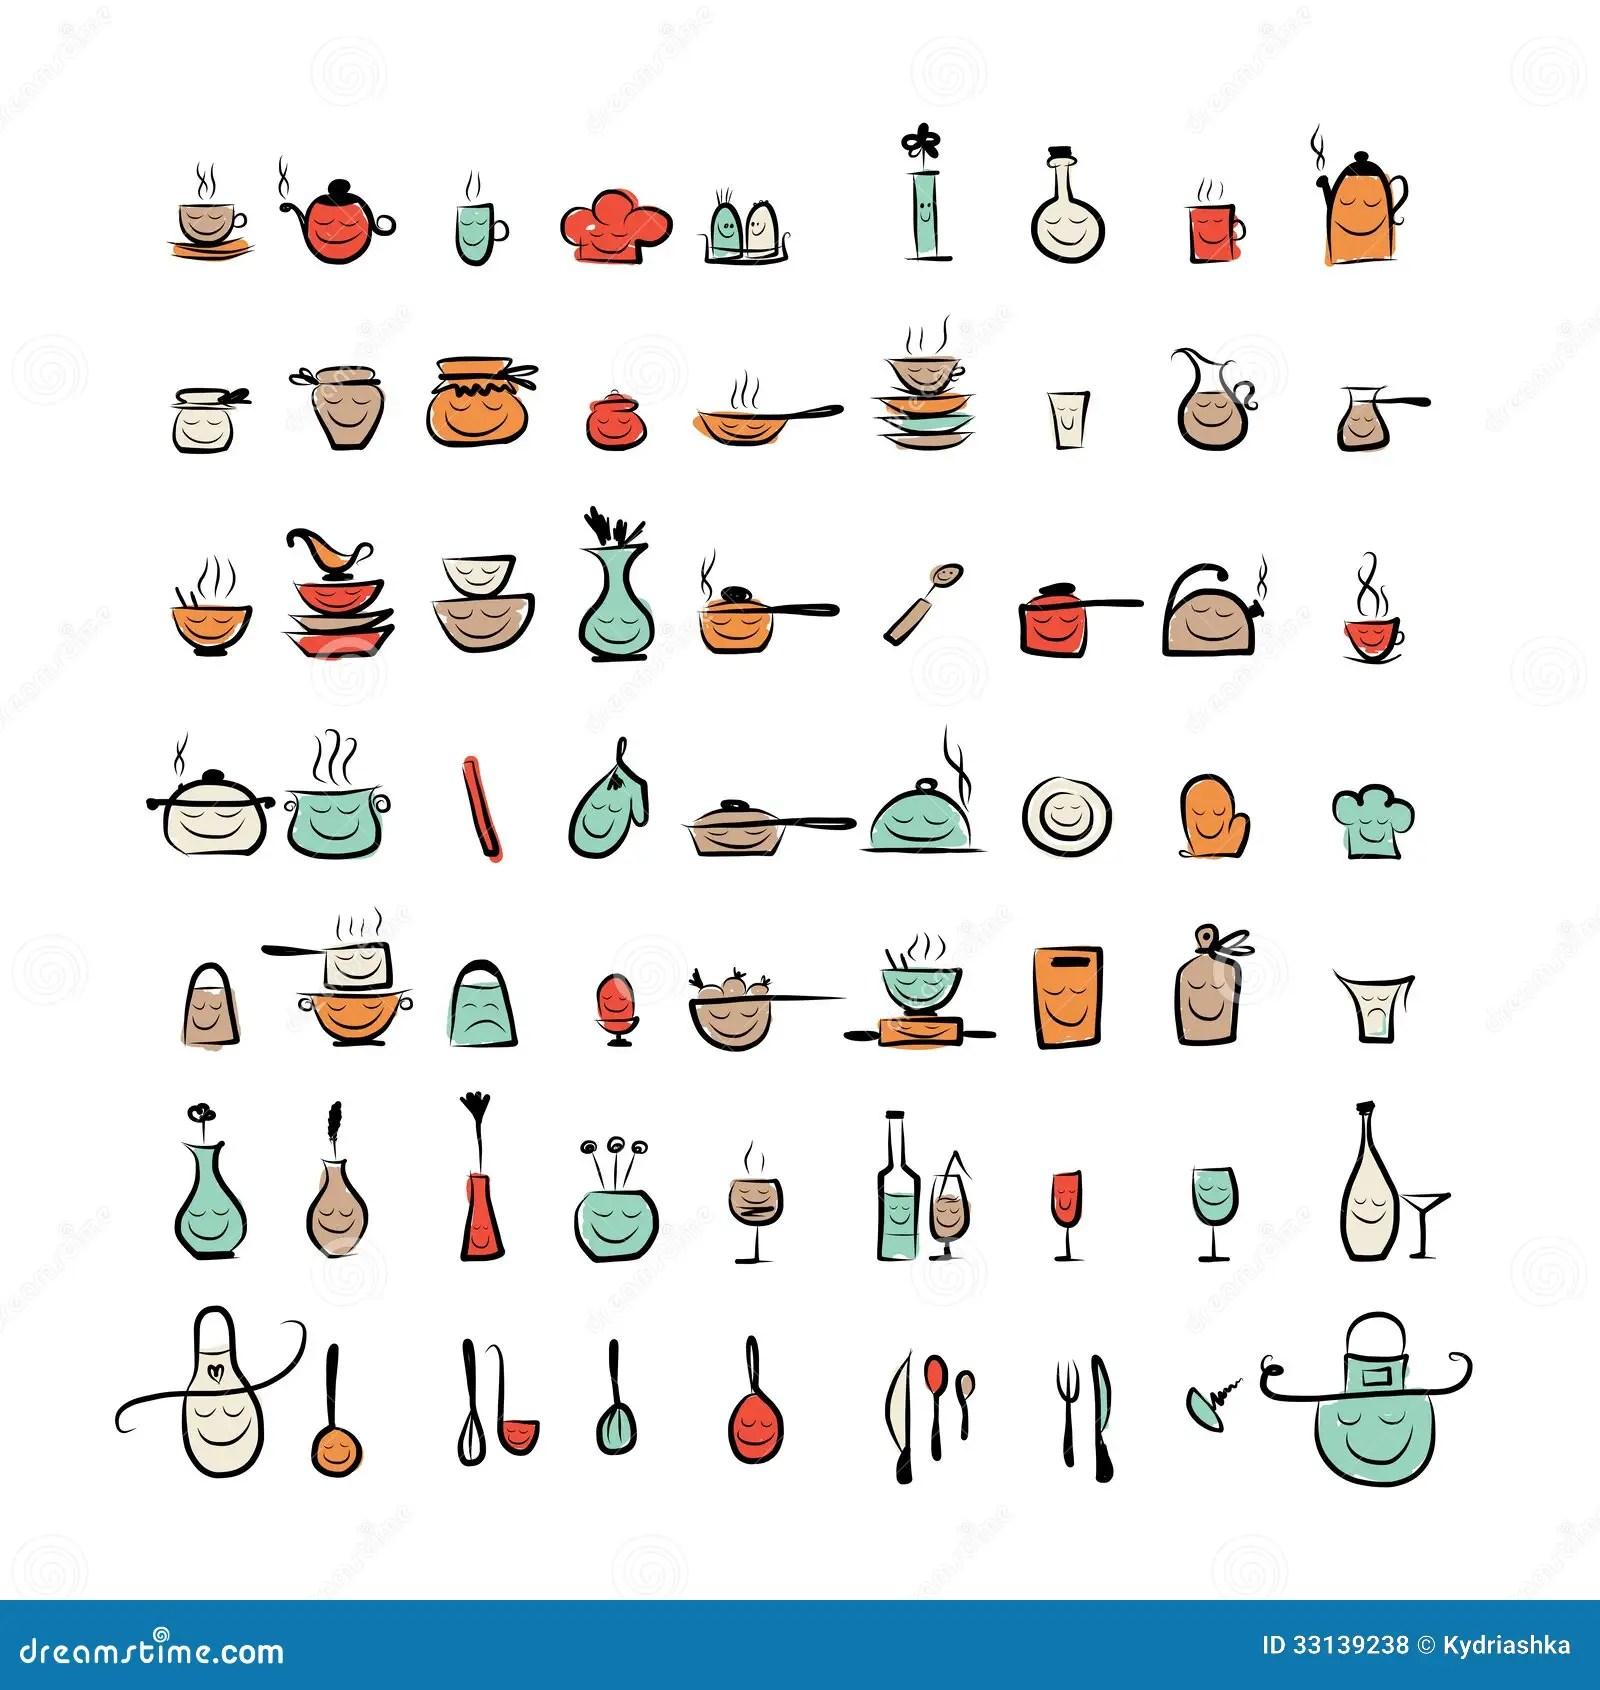 Caratteri Degli Utensili Della Cucina Icone Del Disegno